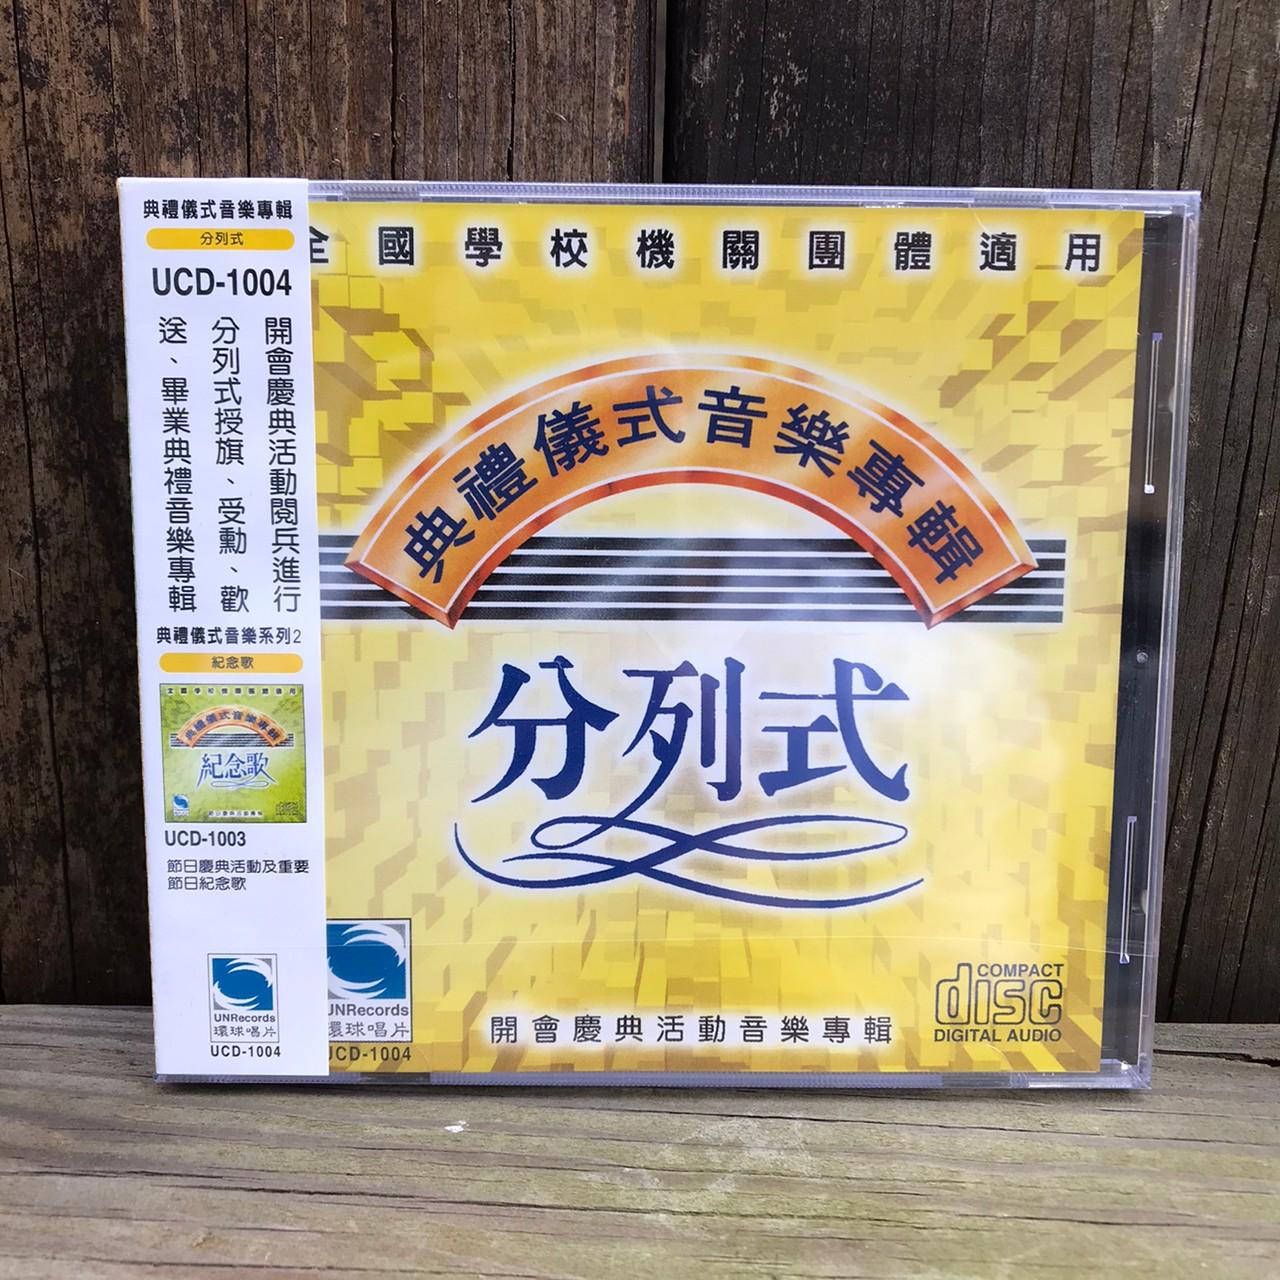 典禮儀式音樂專輯CD